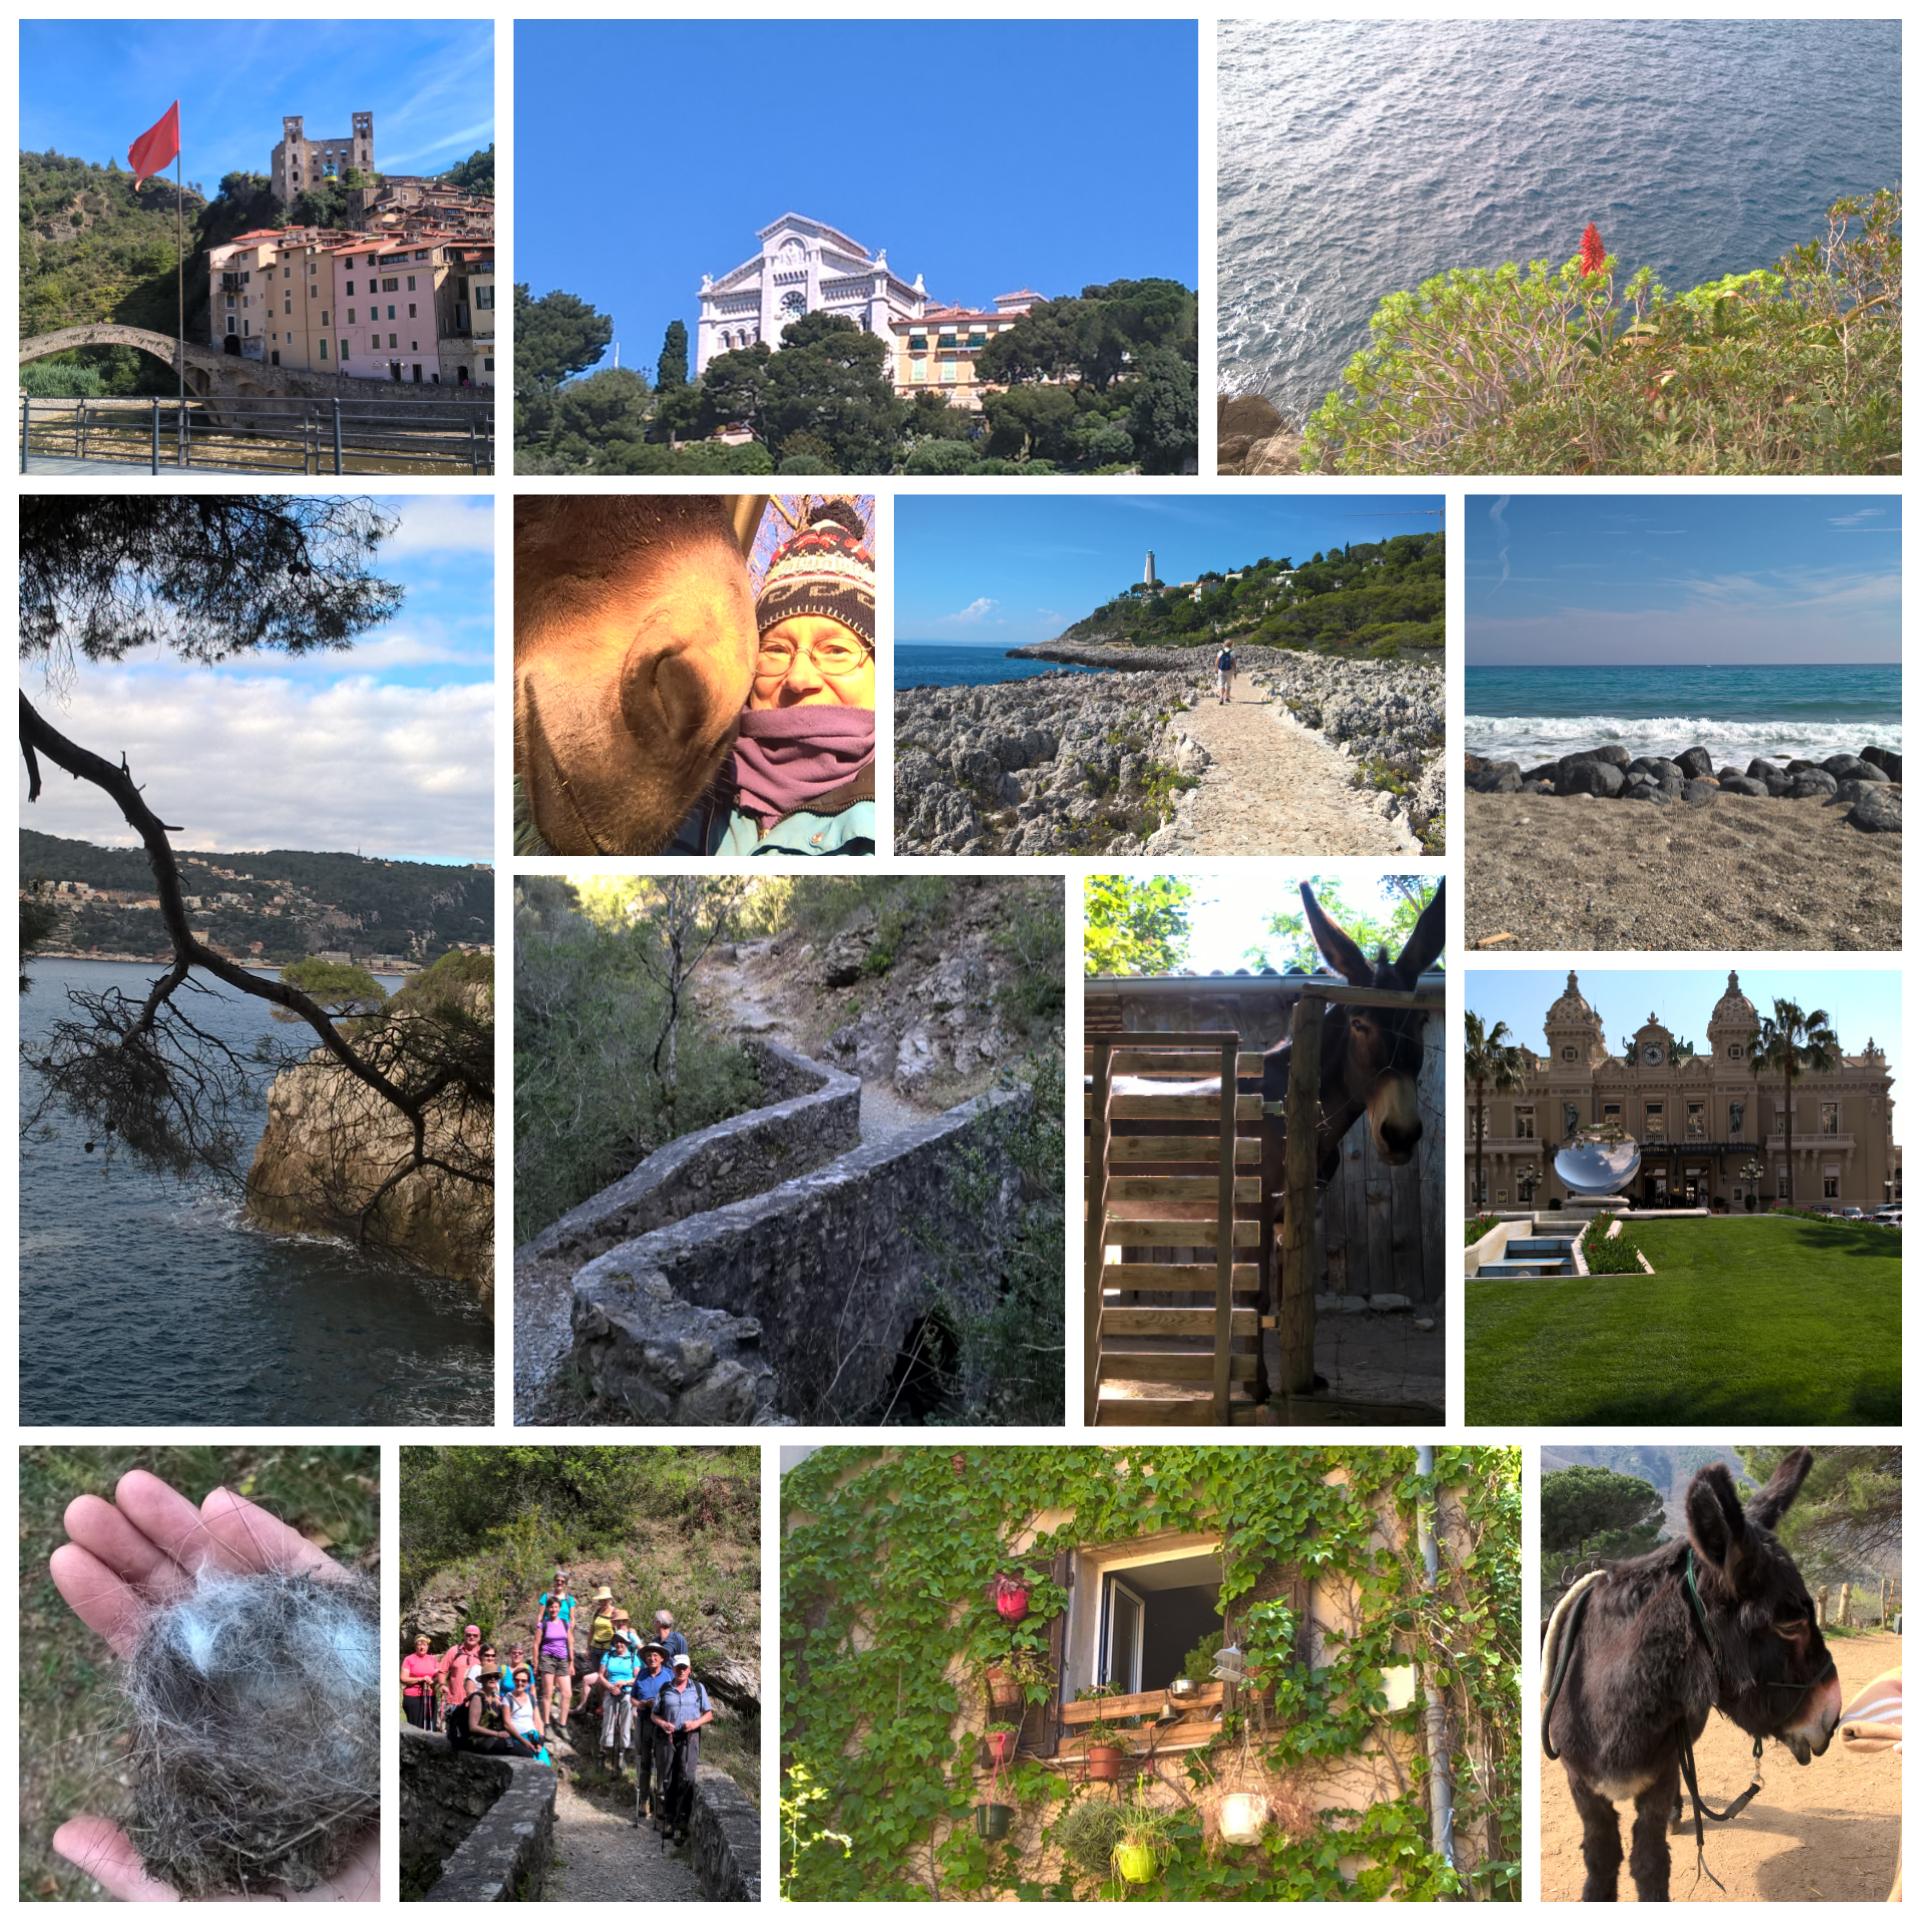 14 foto con asini, mare, gruppo di escursionisti, Casinò di Montecarlo